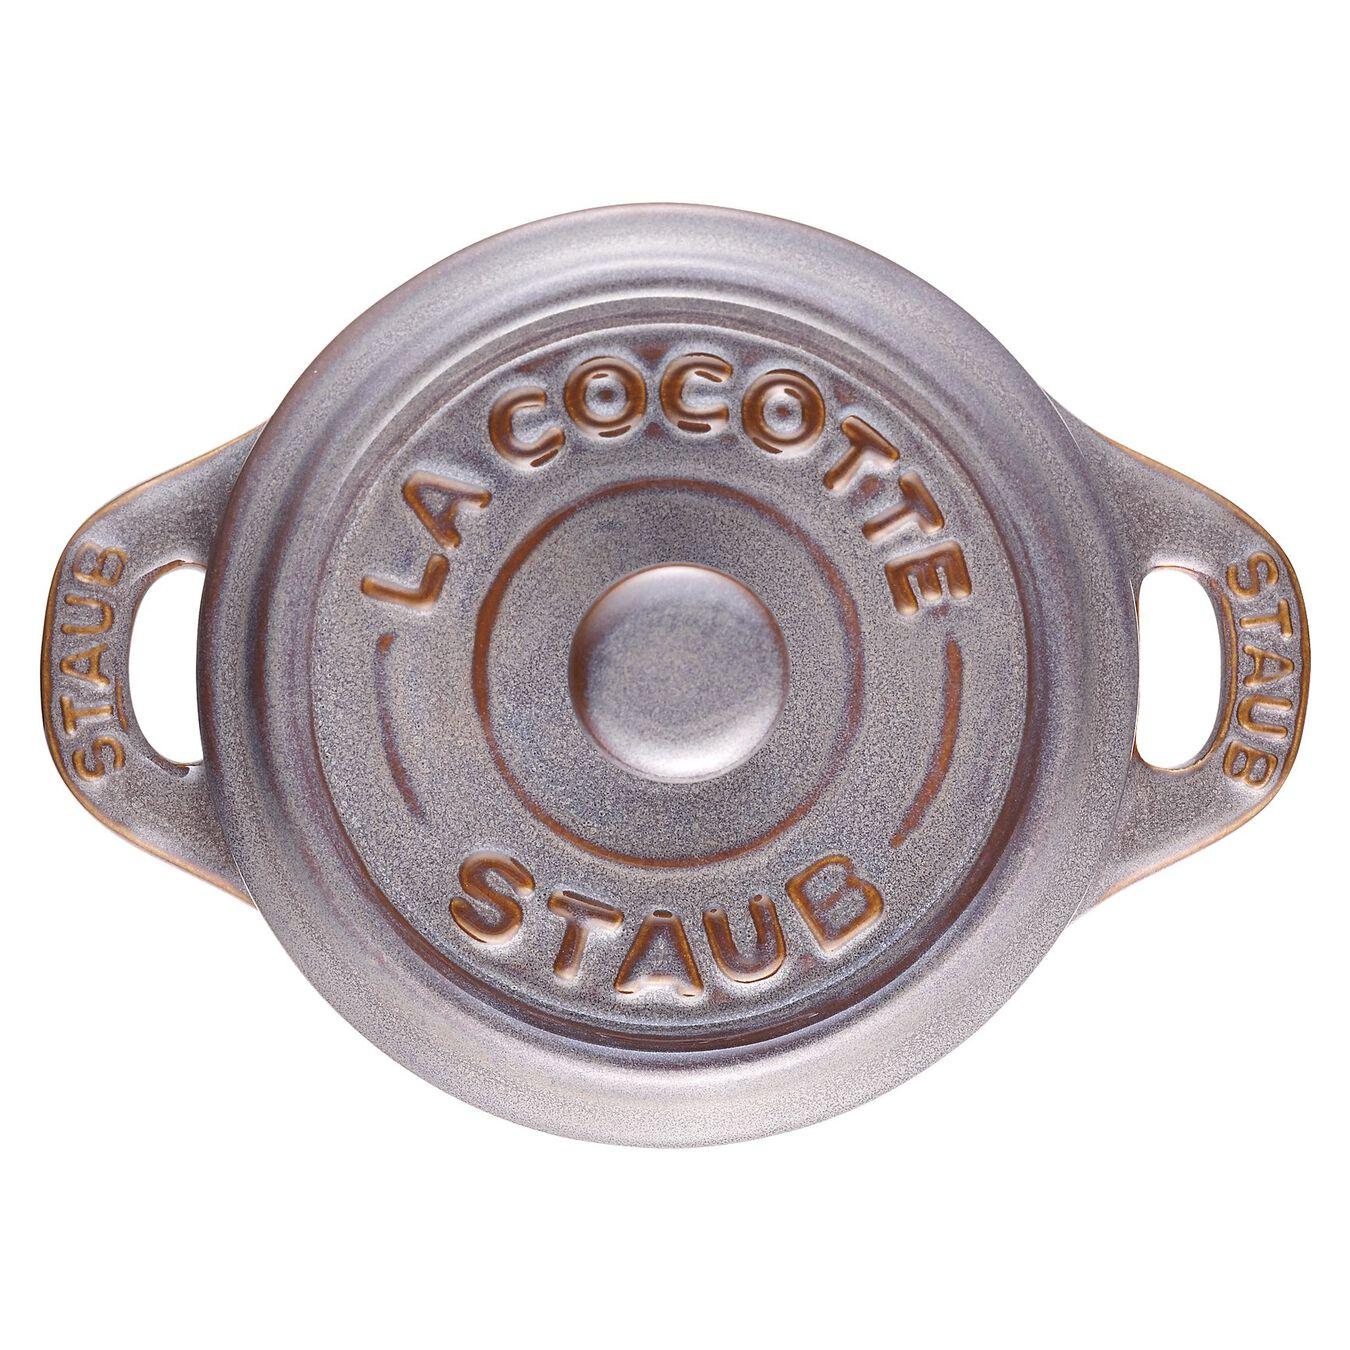 Mini Cocotte 10 cm, Rond(e), Gris antique, Céramique,,large 4